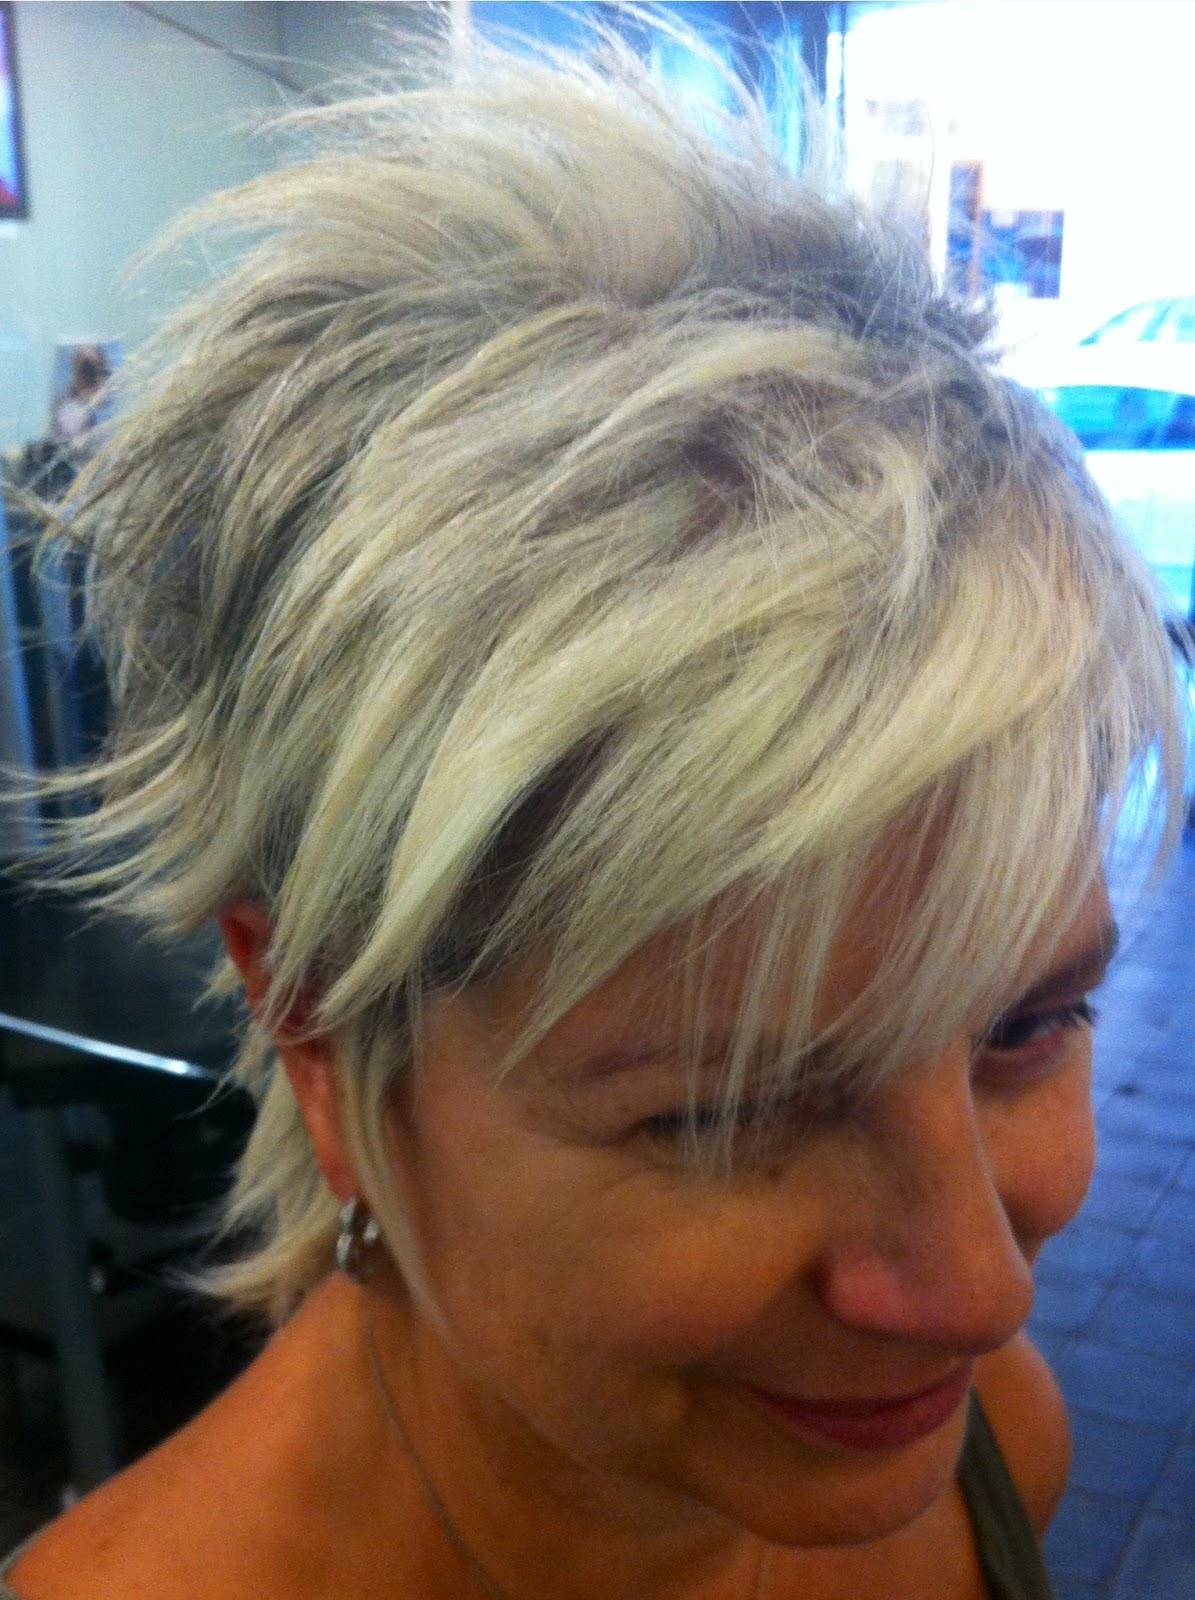 Taglio moderno per capelli bianchi